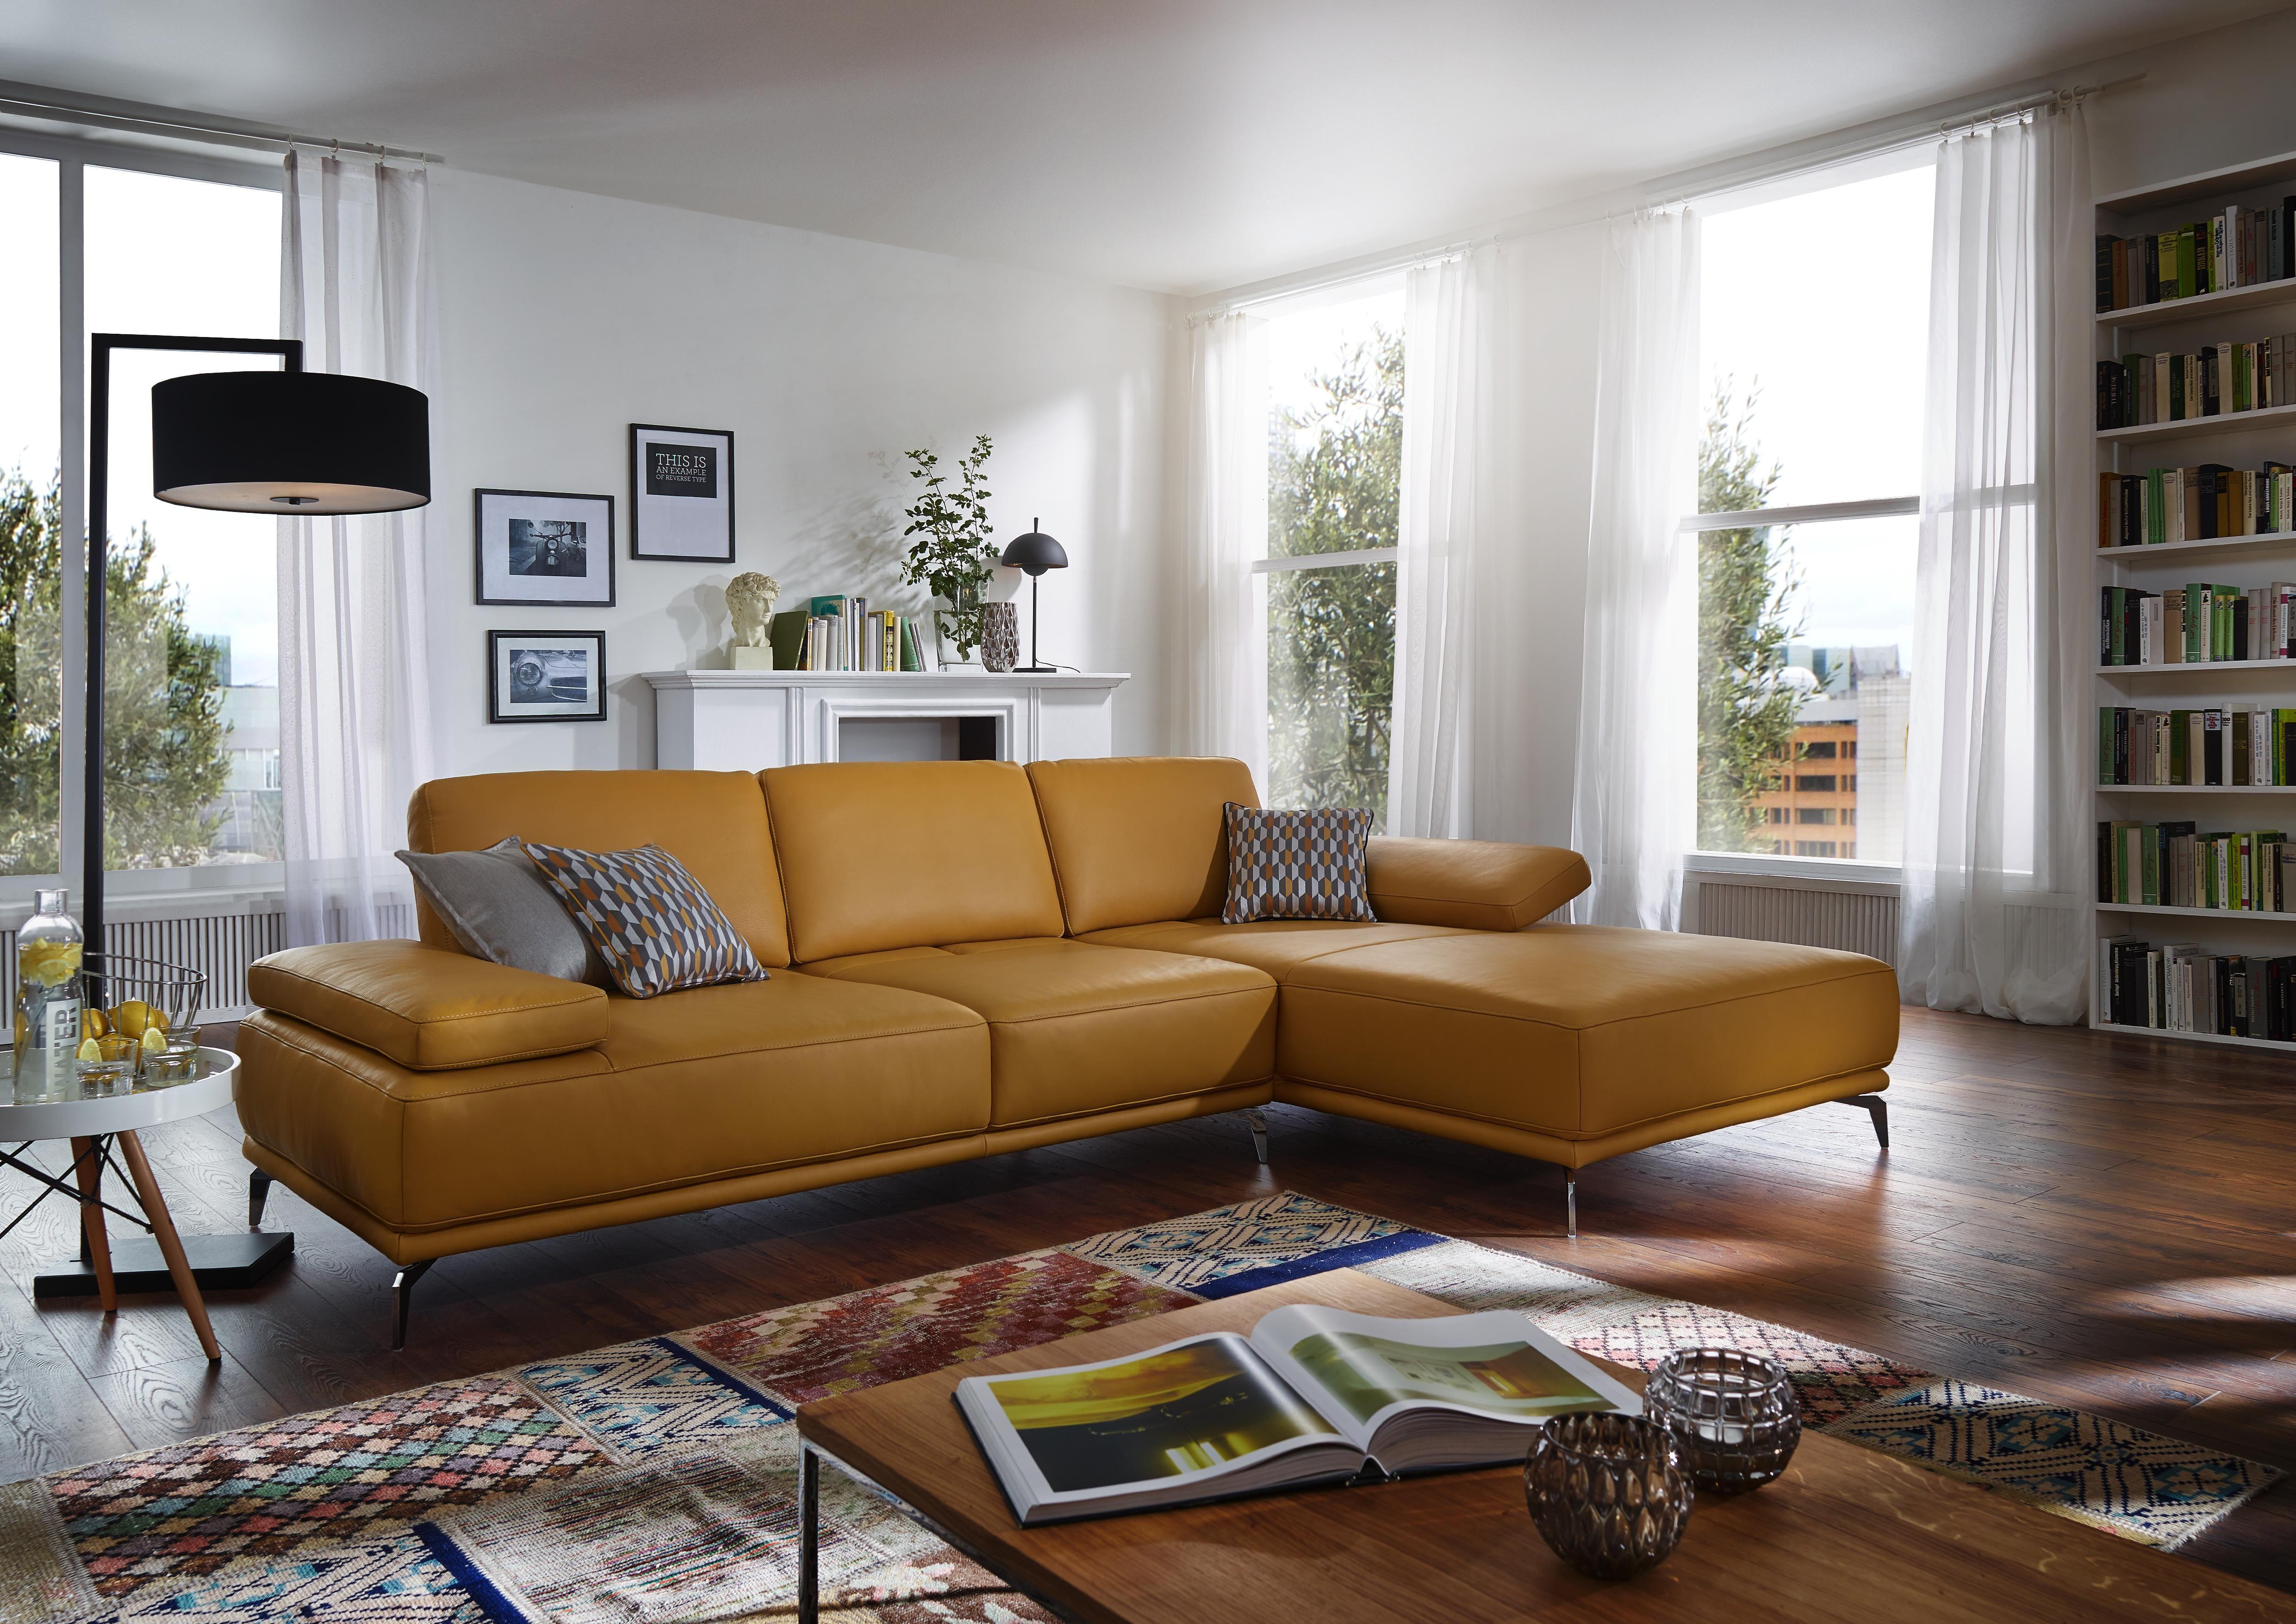 Pin Von Xxxlutz Mein Möbelhaus Auf Gelbe Wohnaccessoires Gelbes Wohnzimmer Wohnzimmer Sofa Ecksofa